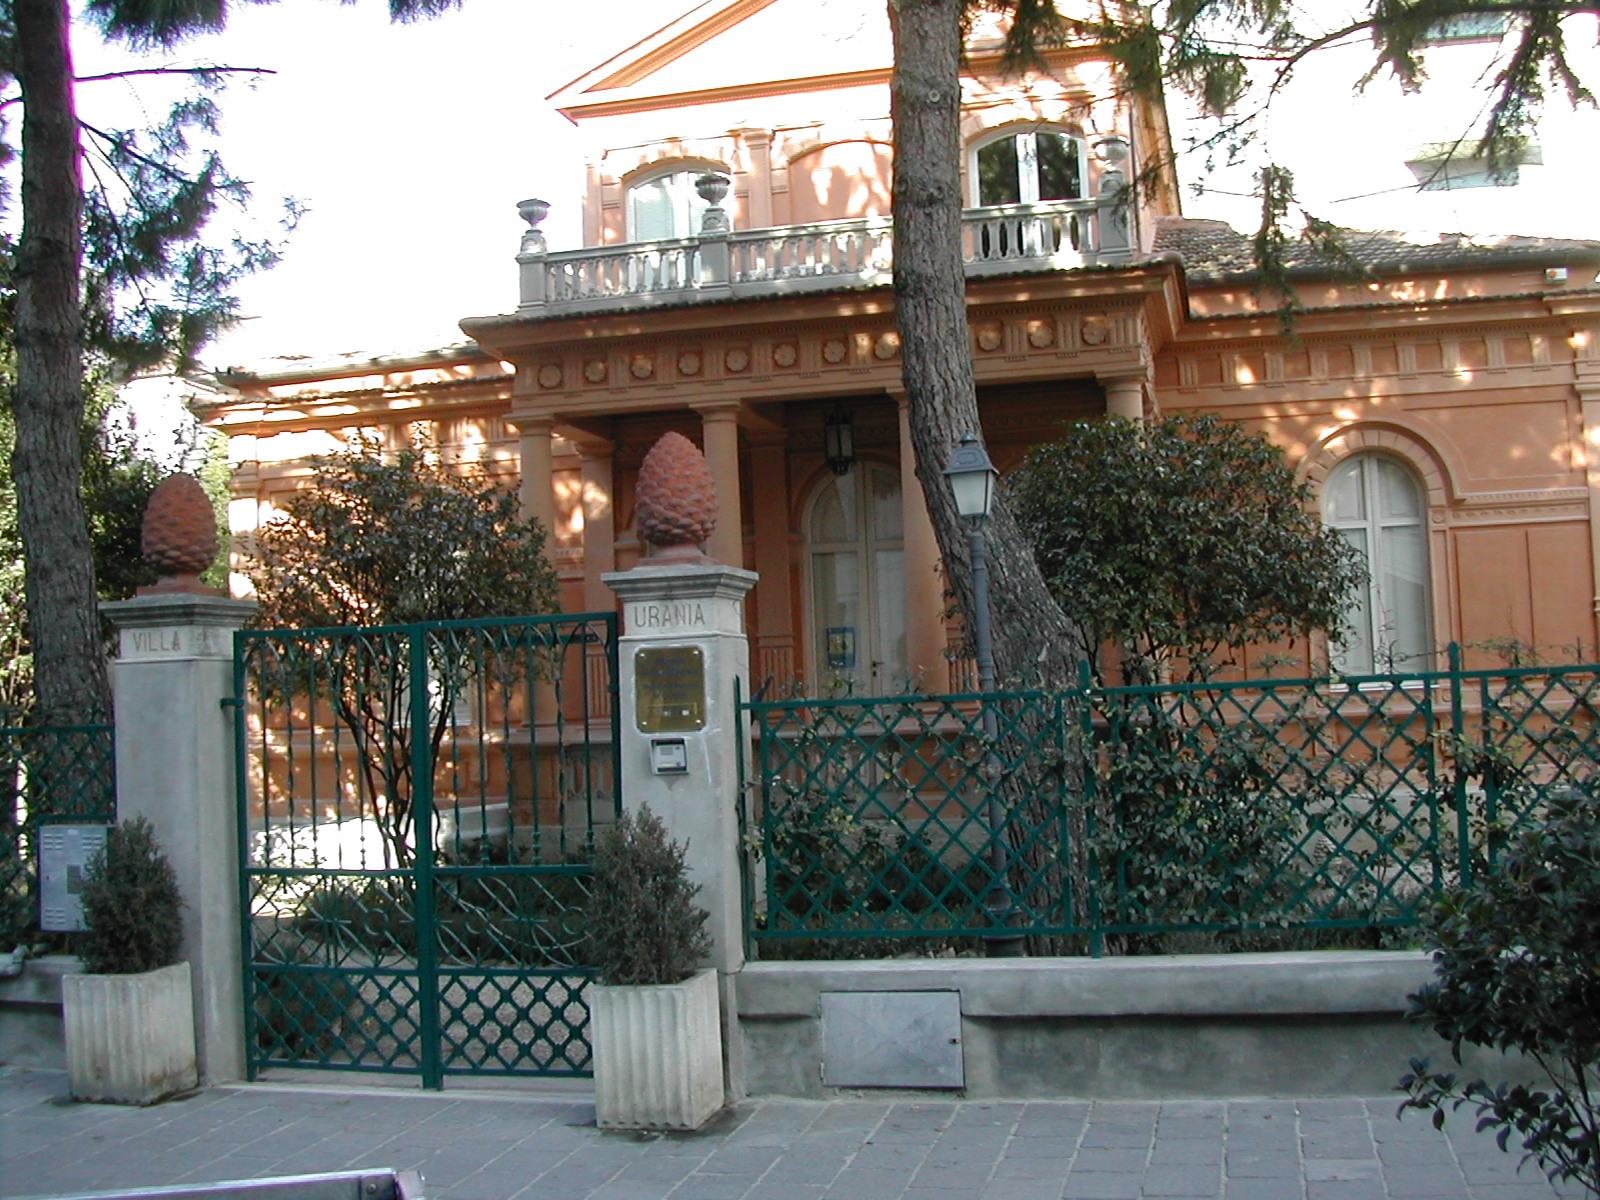 Famiglie al museo Paparella Treccia di Pescara